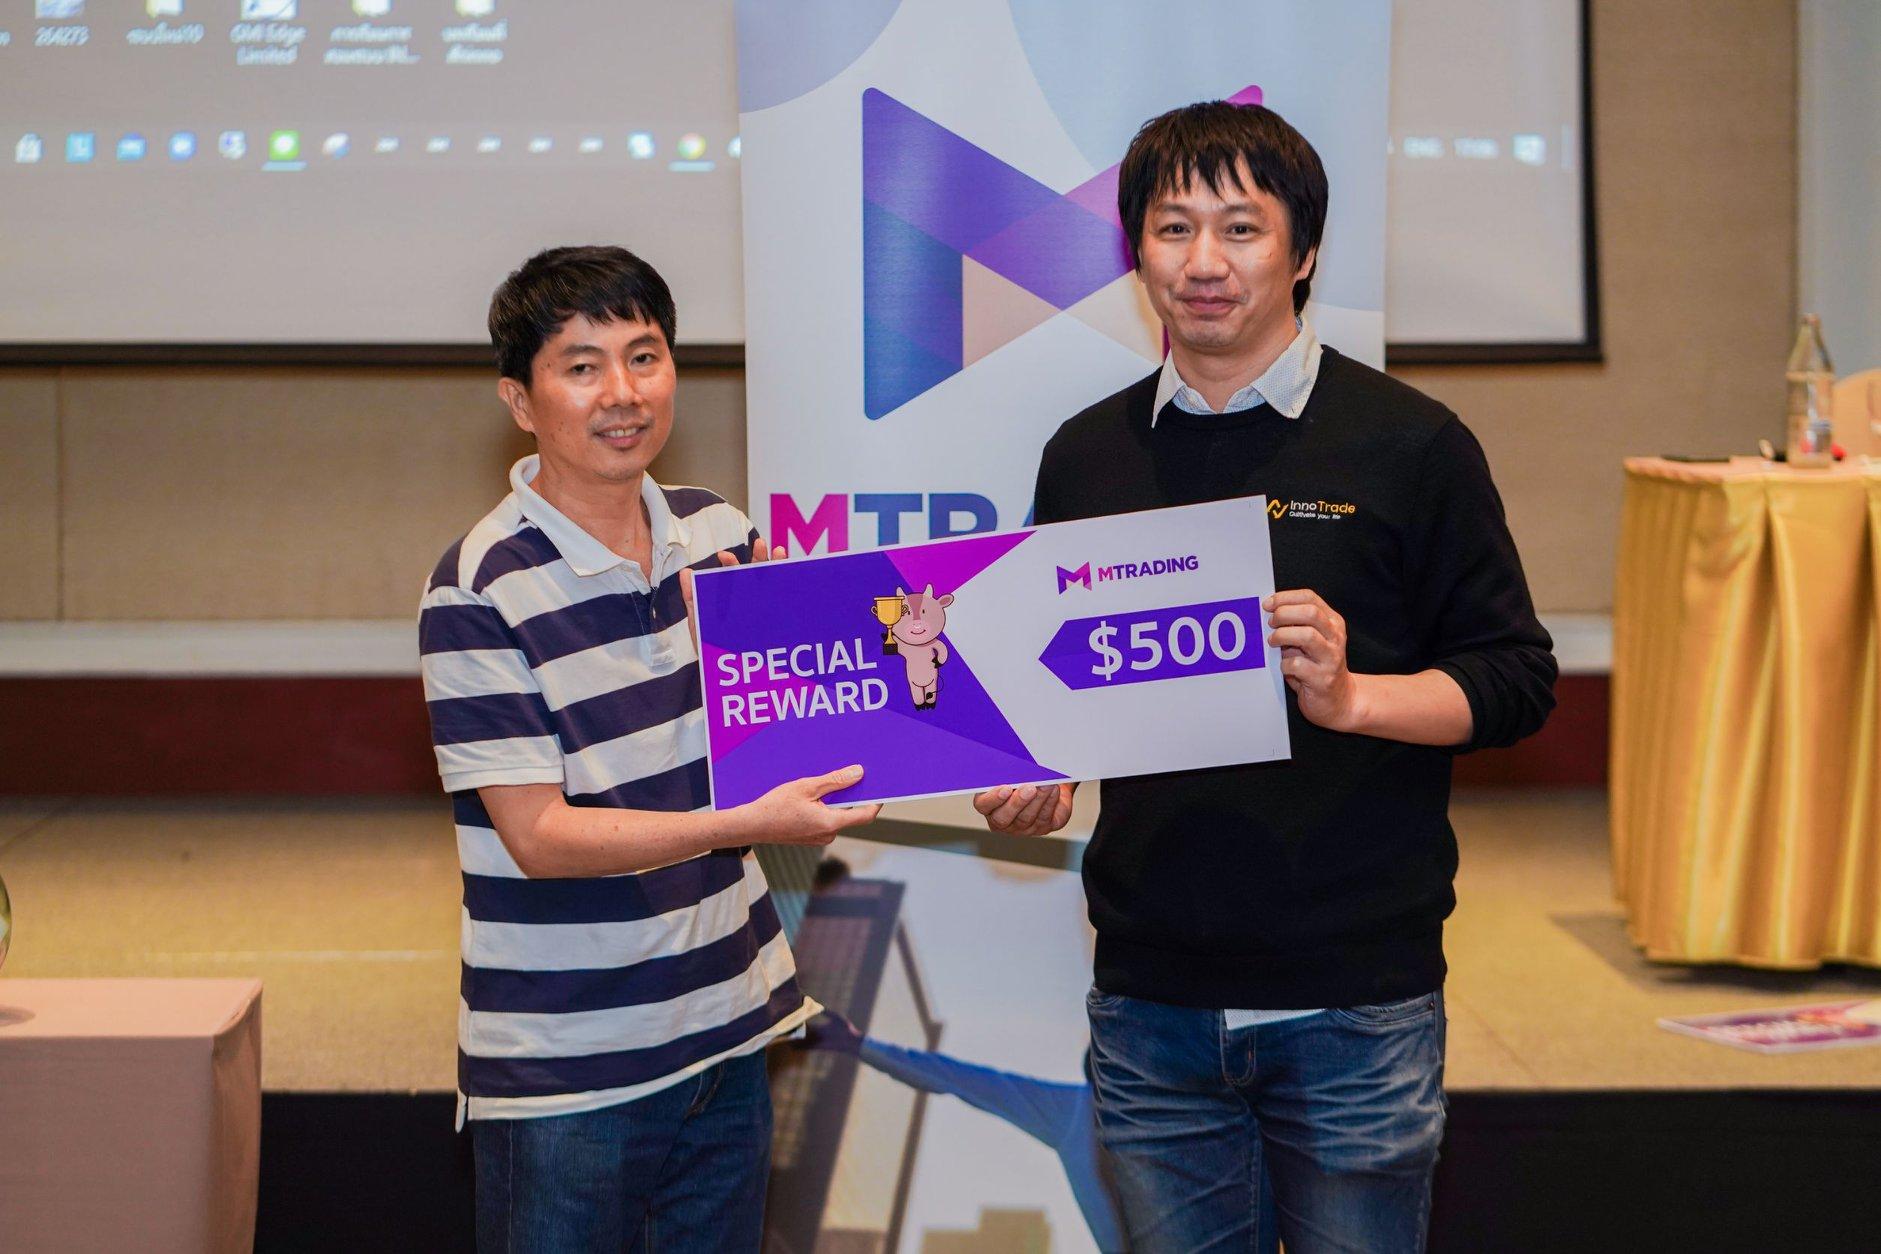 รางวัลเงินโบนัส $500 เหรียญสำหรับผู้เข้าสัมมนา Forex